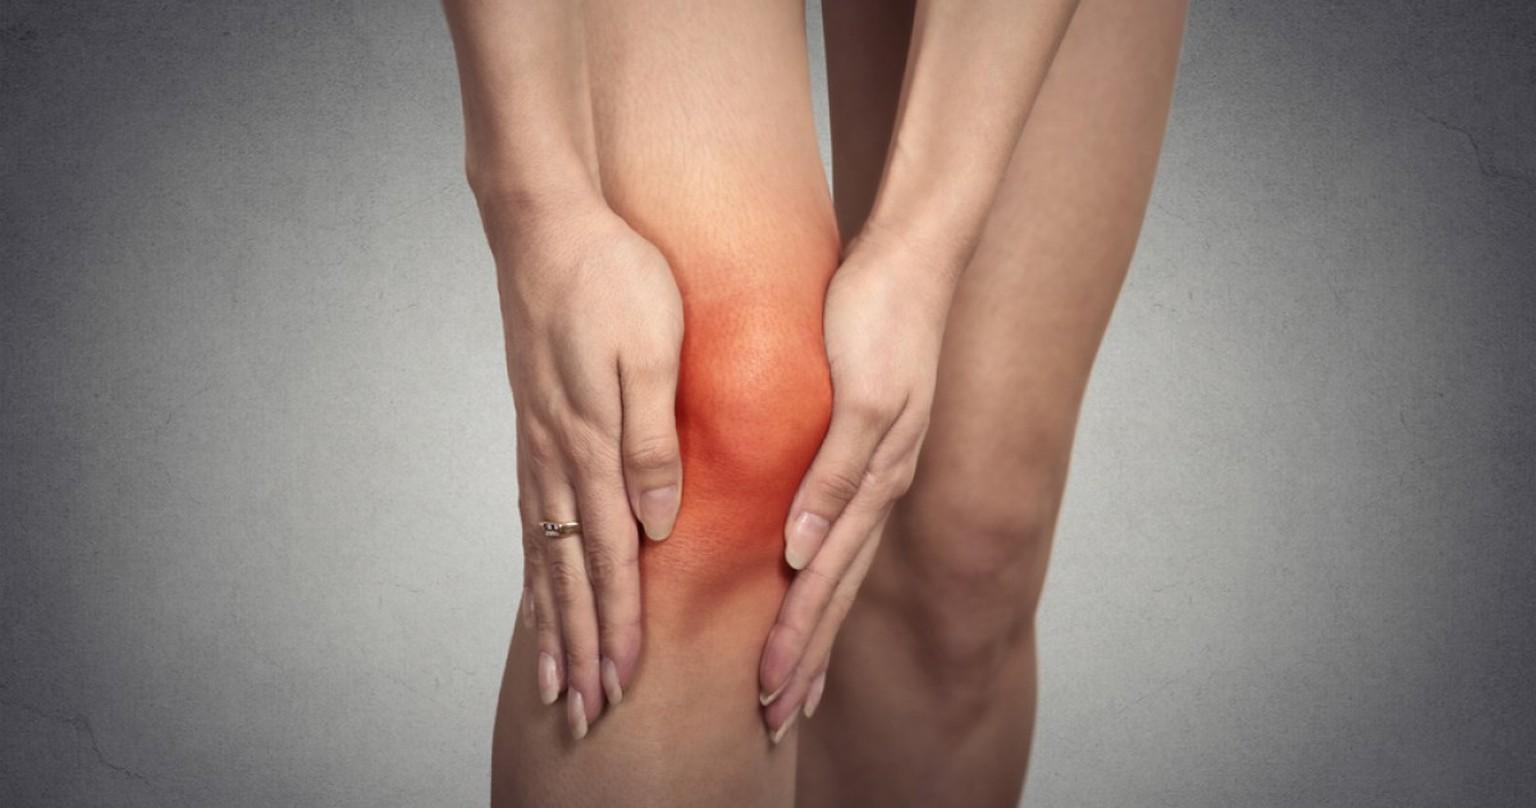 Отек коленного сустава – возможные причины и лечение. Отек коленного сустава причины лечение